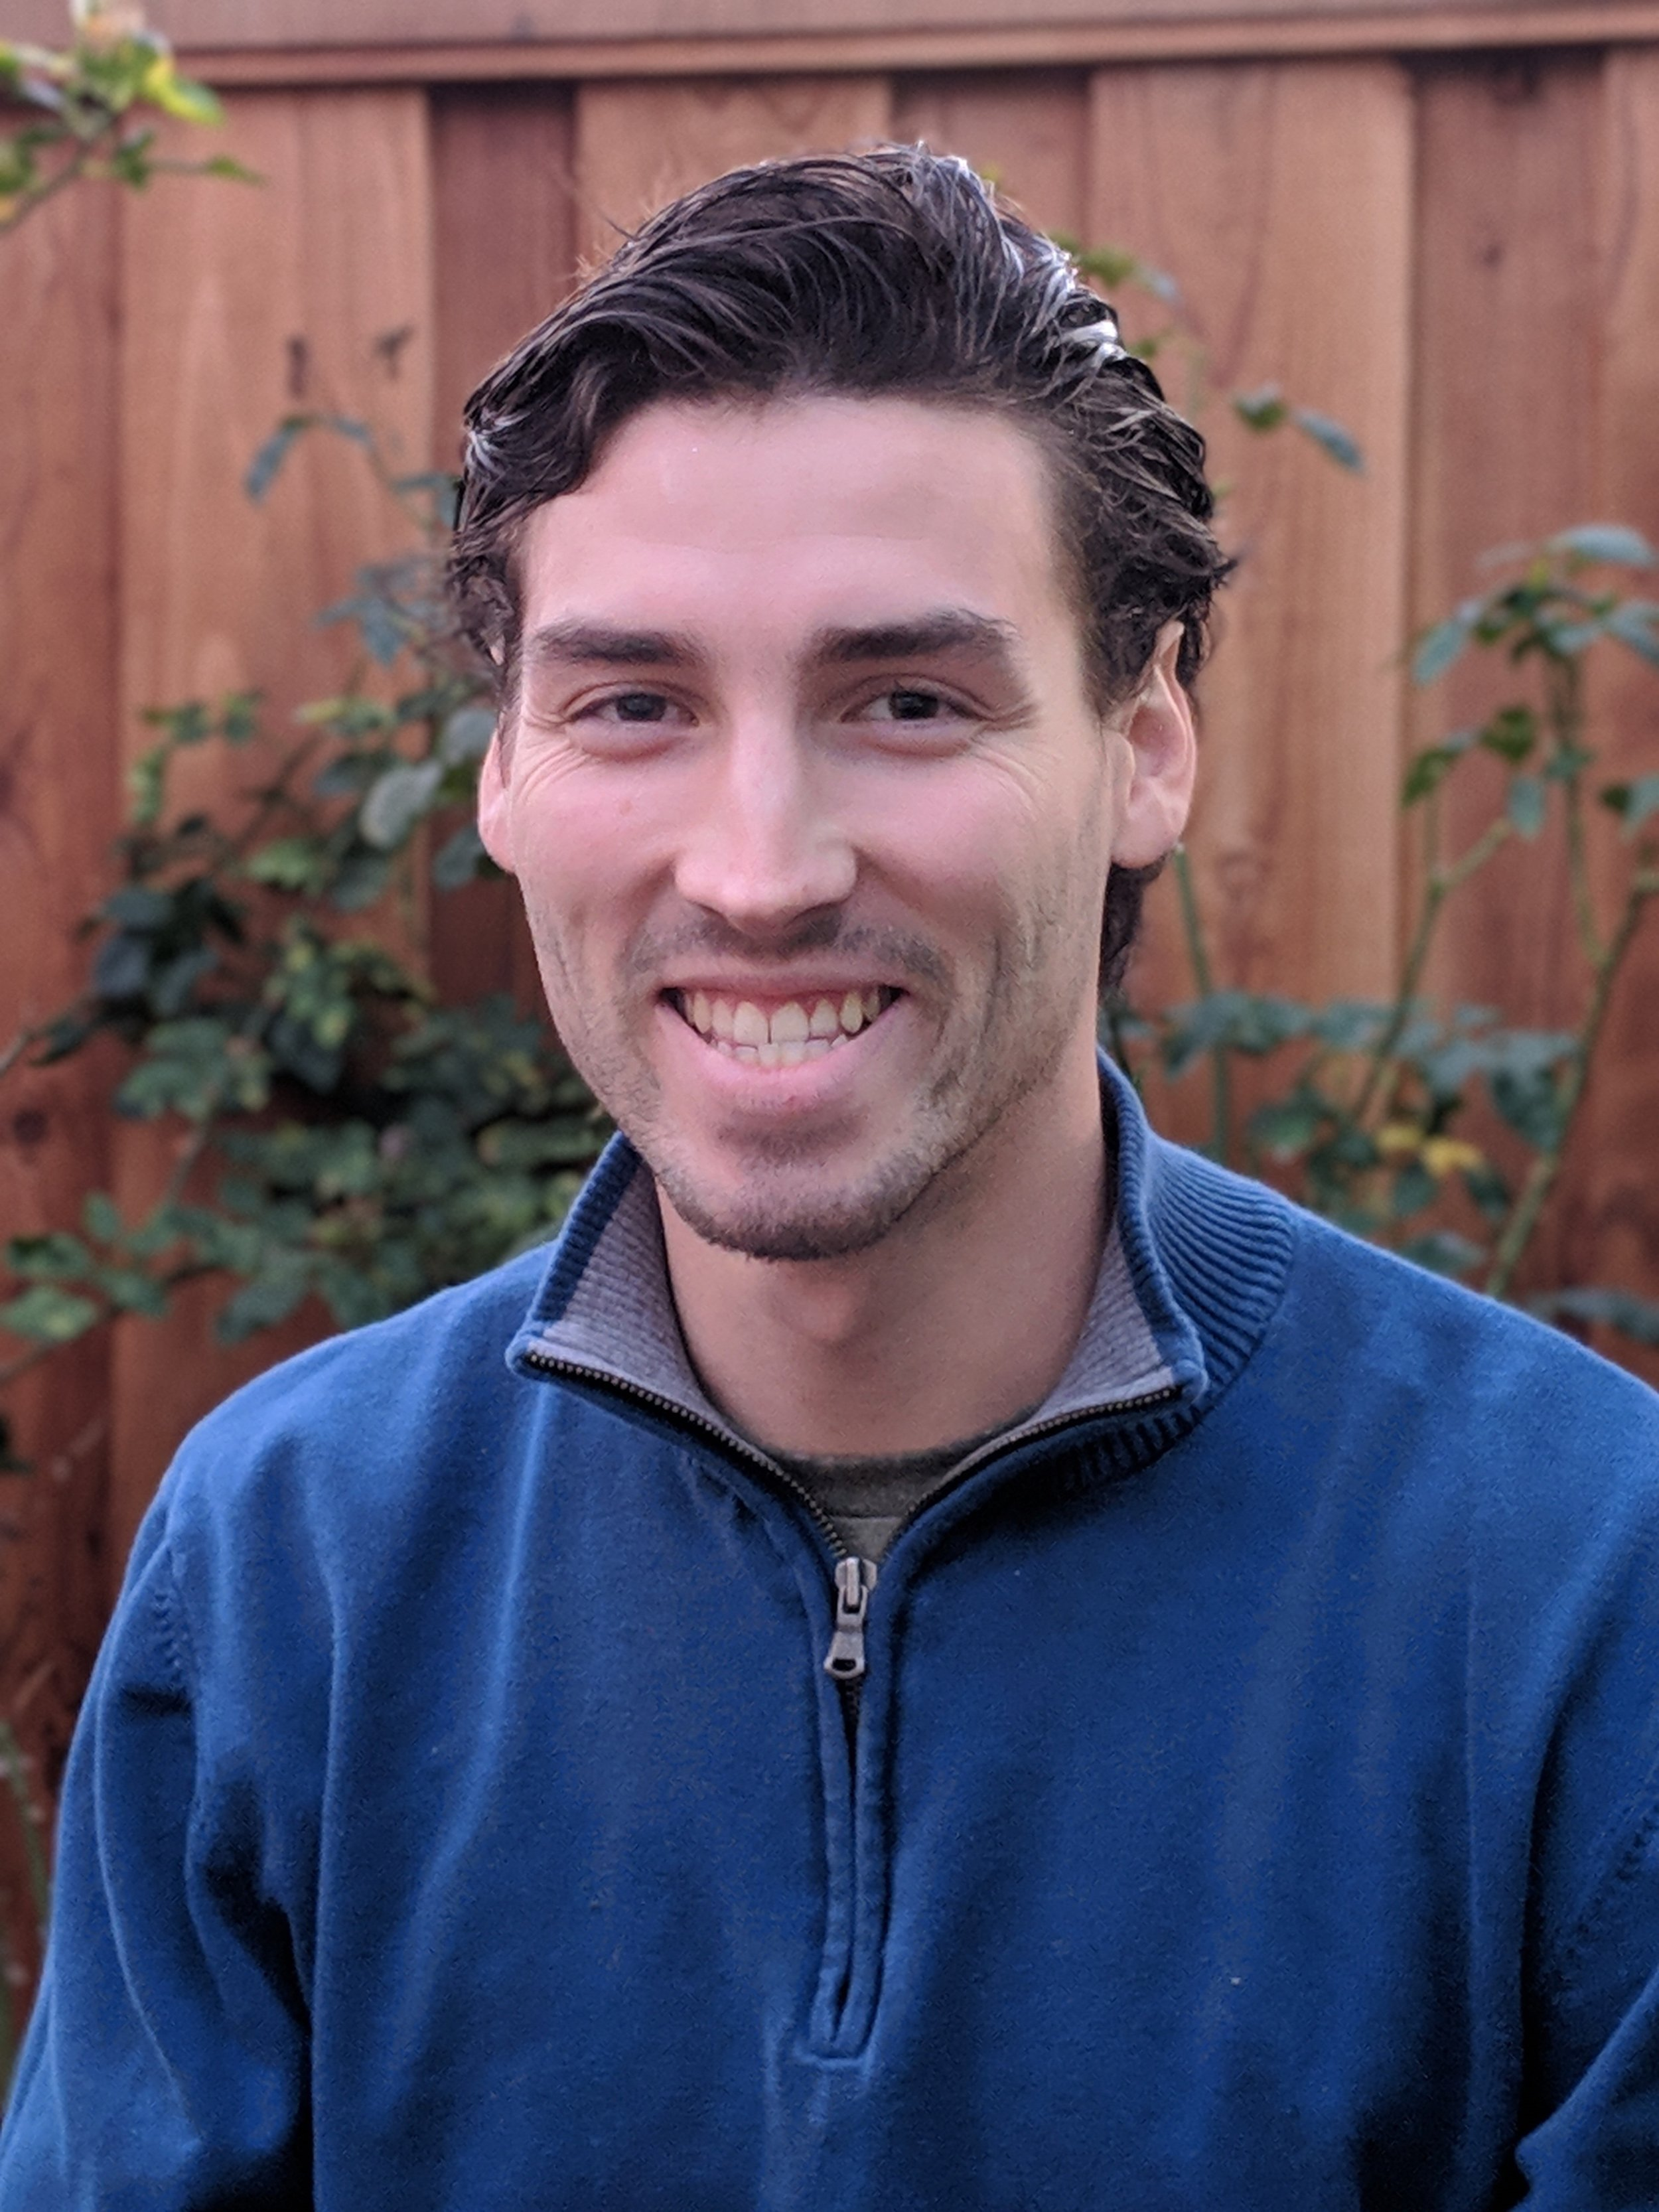 Stewart Portrait.jpg